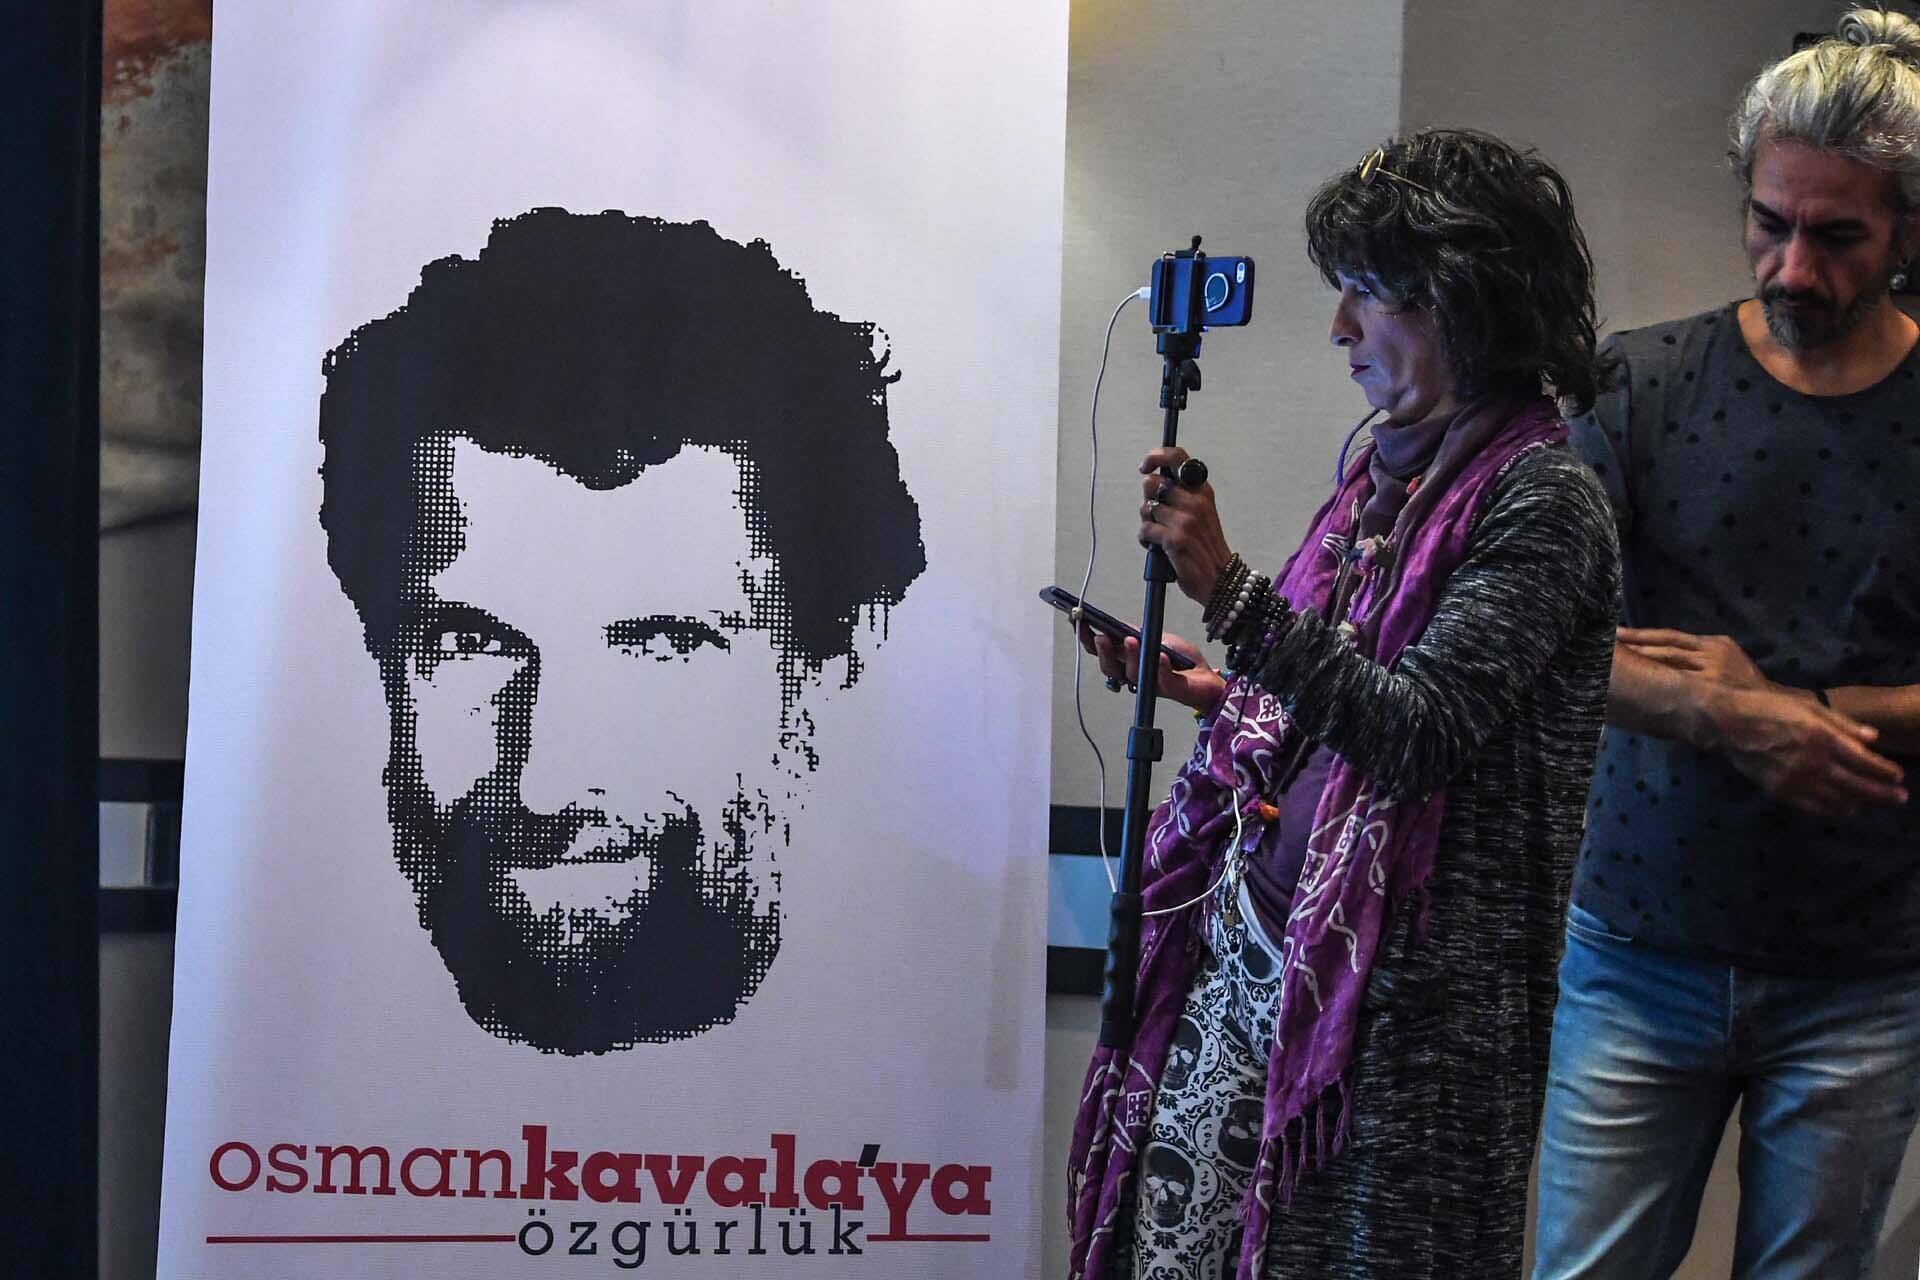 Задержания прошли врамках расследования поделу правозащитника Османа Кавалы, которого обвиняют ворганизации беспорядков и«намерении посеять хаос встране»